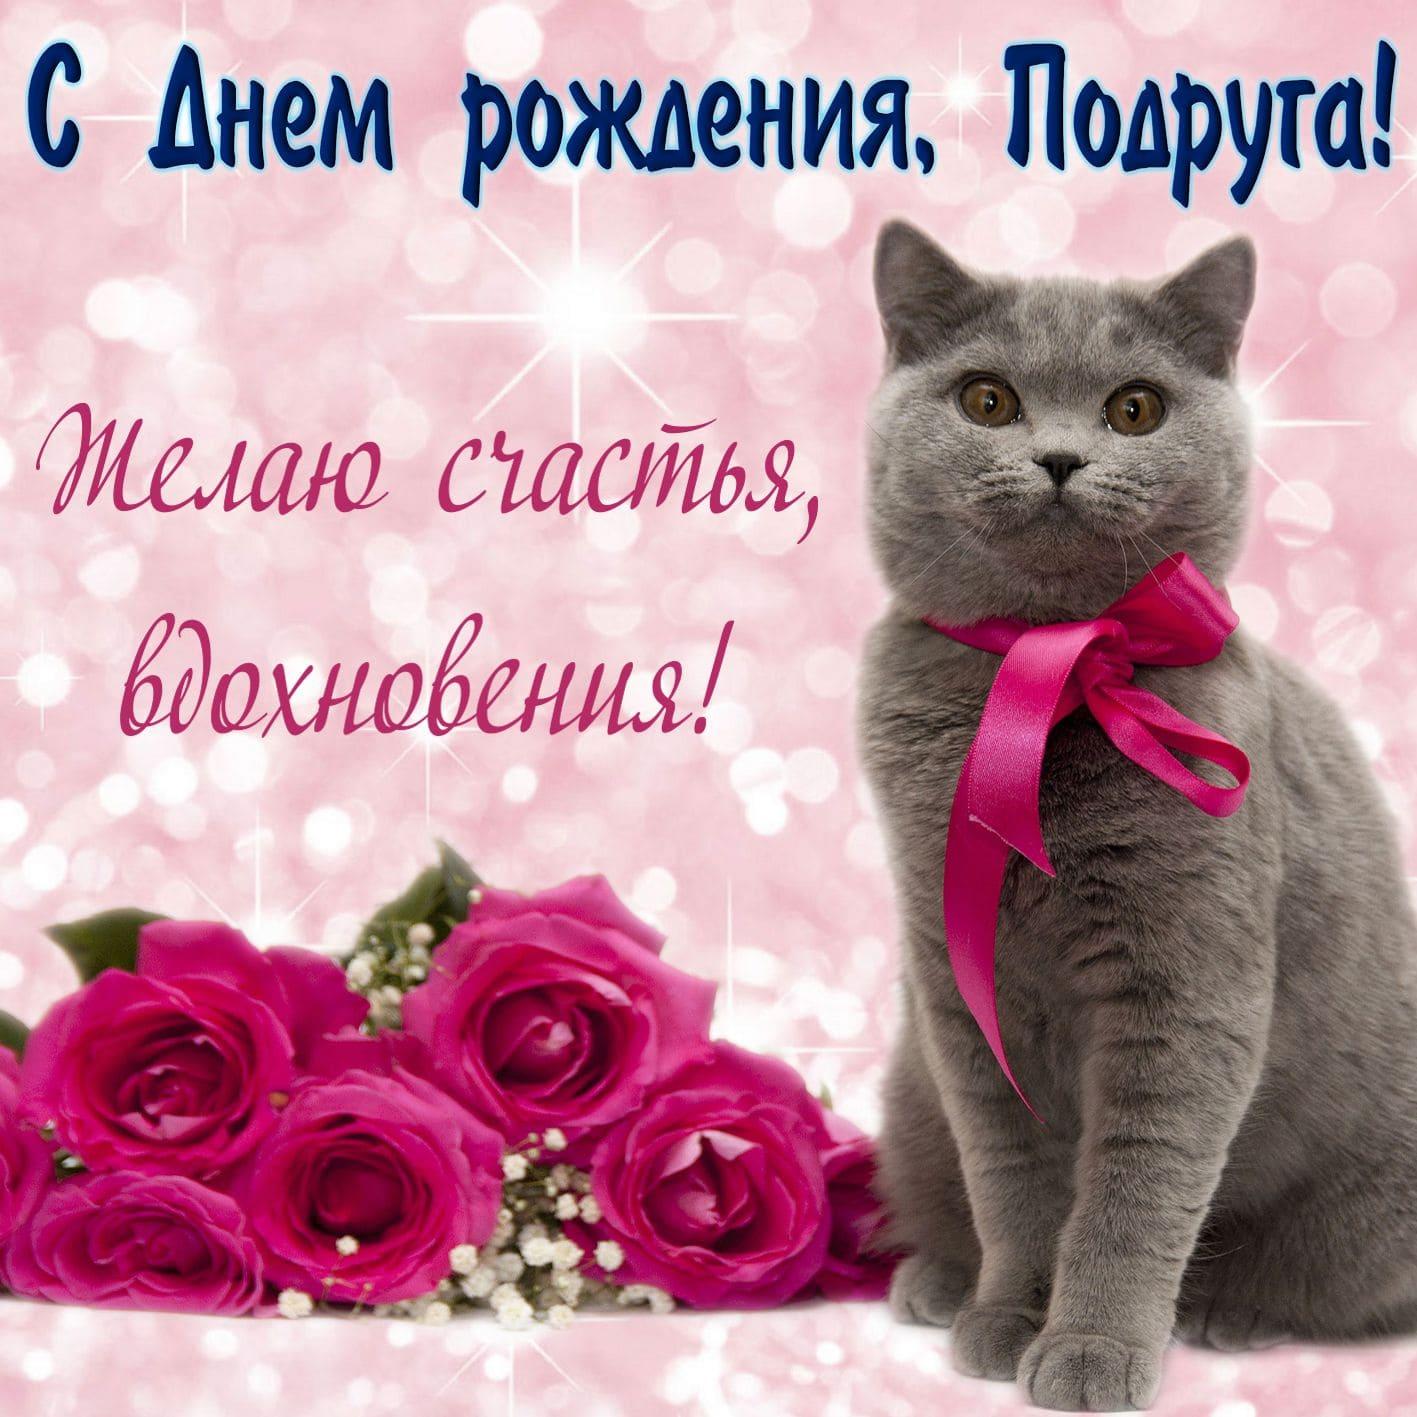 Изображение - Открытка поздравления подруге с днем рождения otkrytki-s-dnem-rozhdeniya-podruge-44